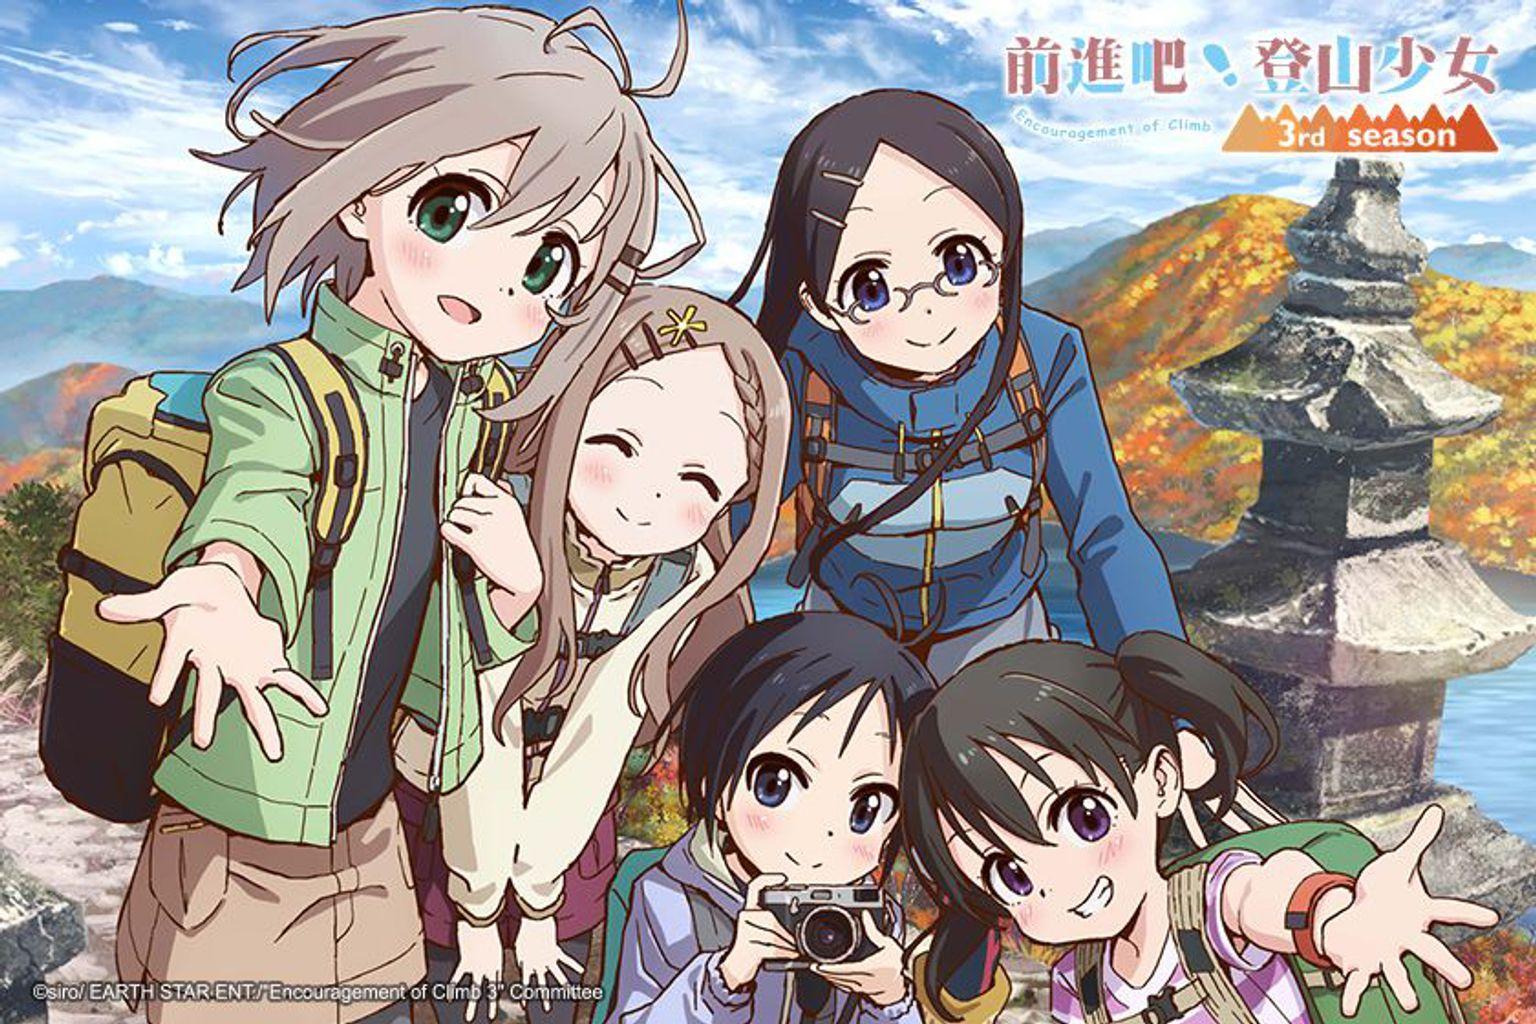 前進吧!登山少女 第三季第1集|免費線上看|動漫|LINE TV-精彩隨看